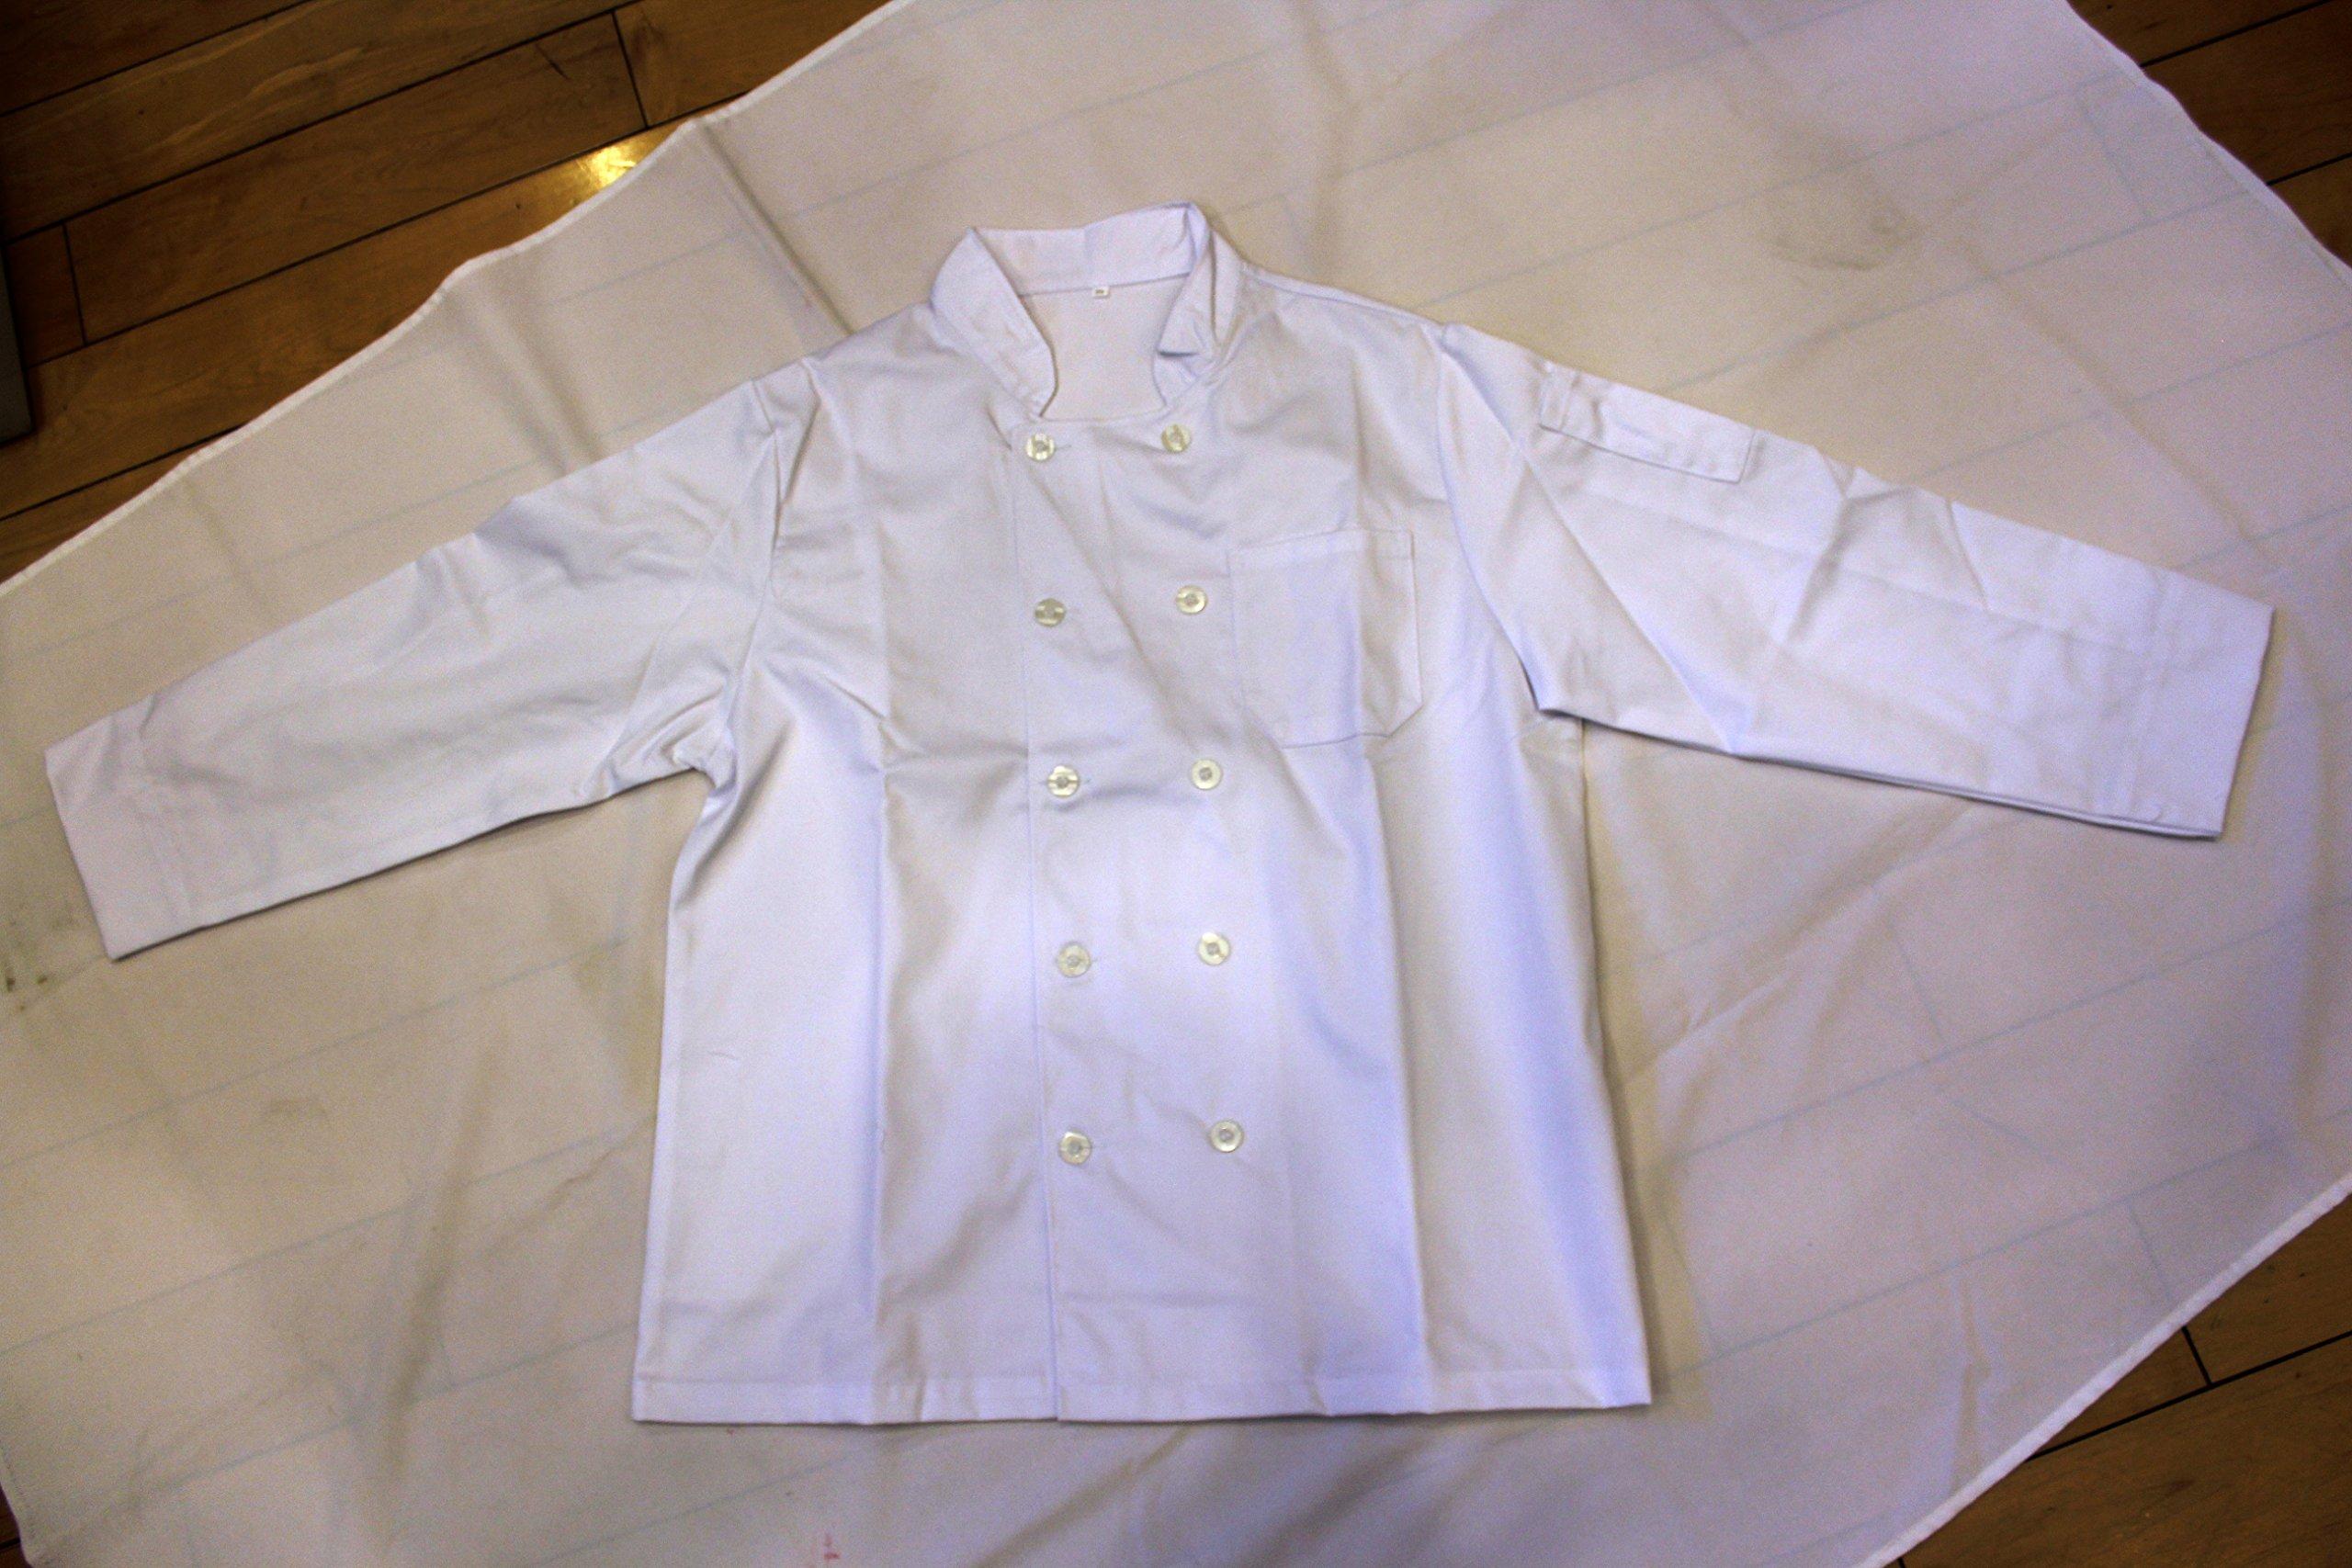 All White Unisex Chef Jacket (Long Sleeves) Size 48, 2X-Large